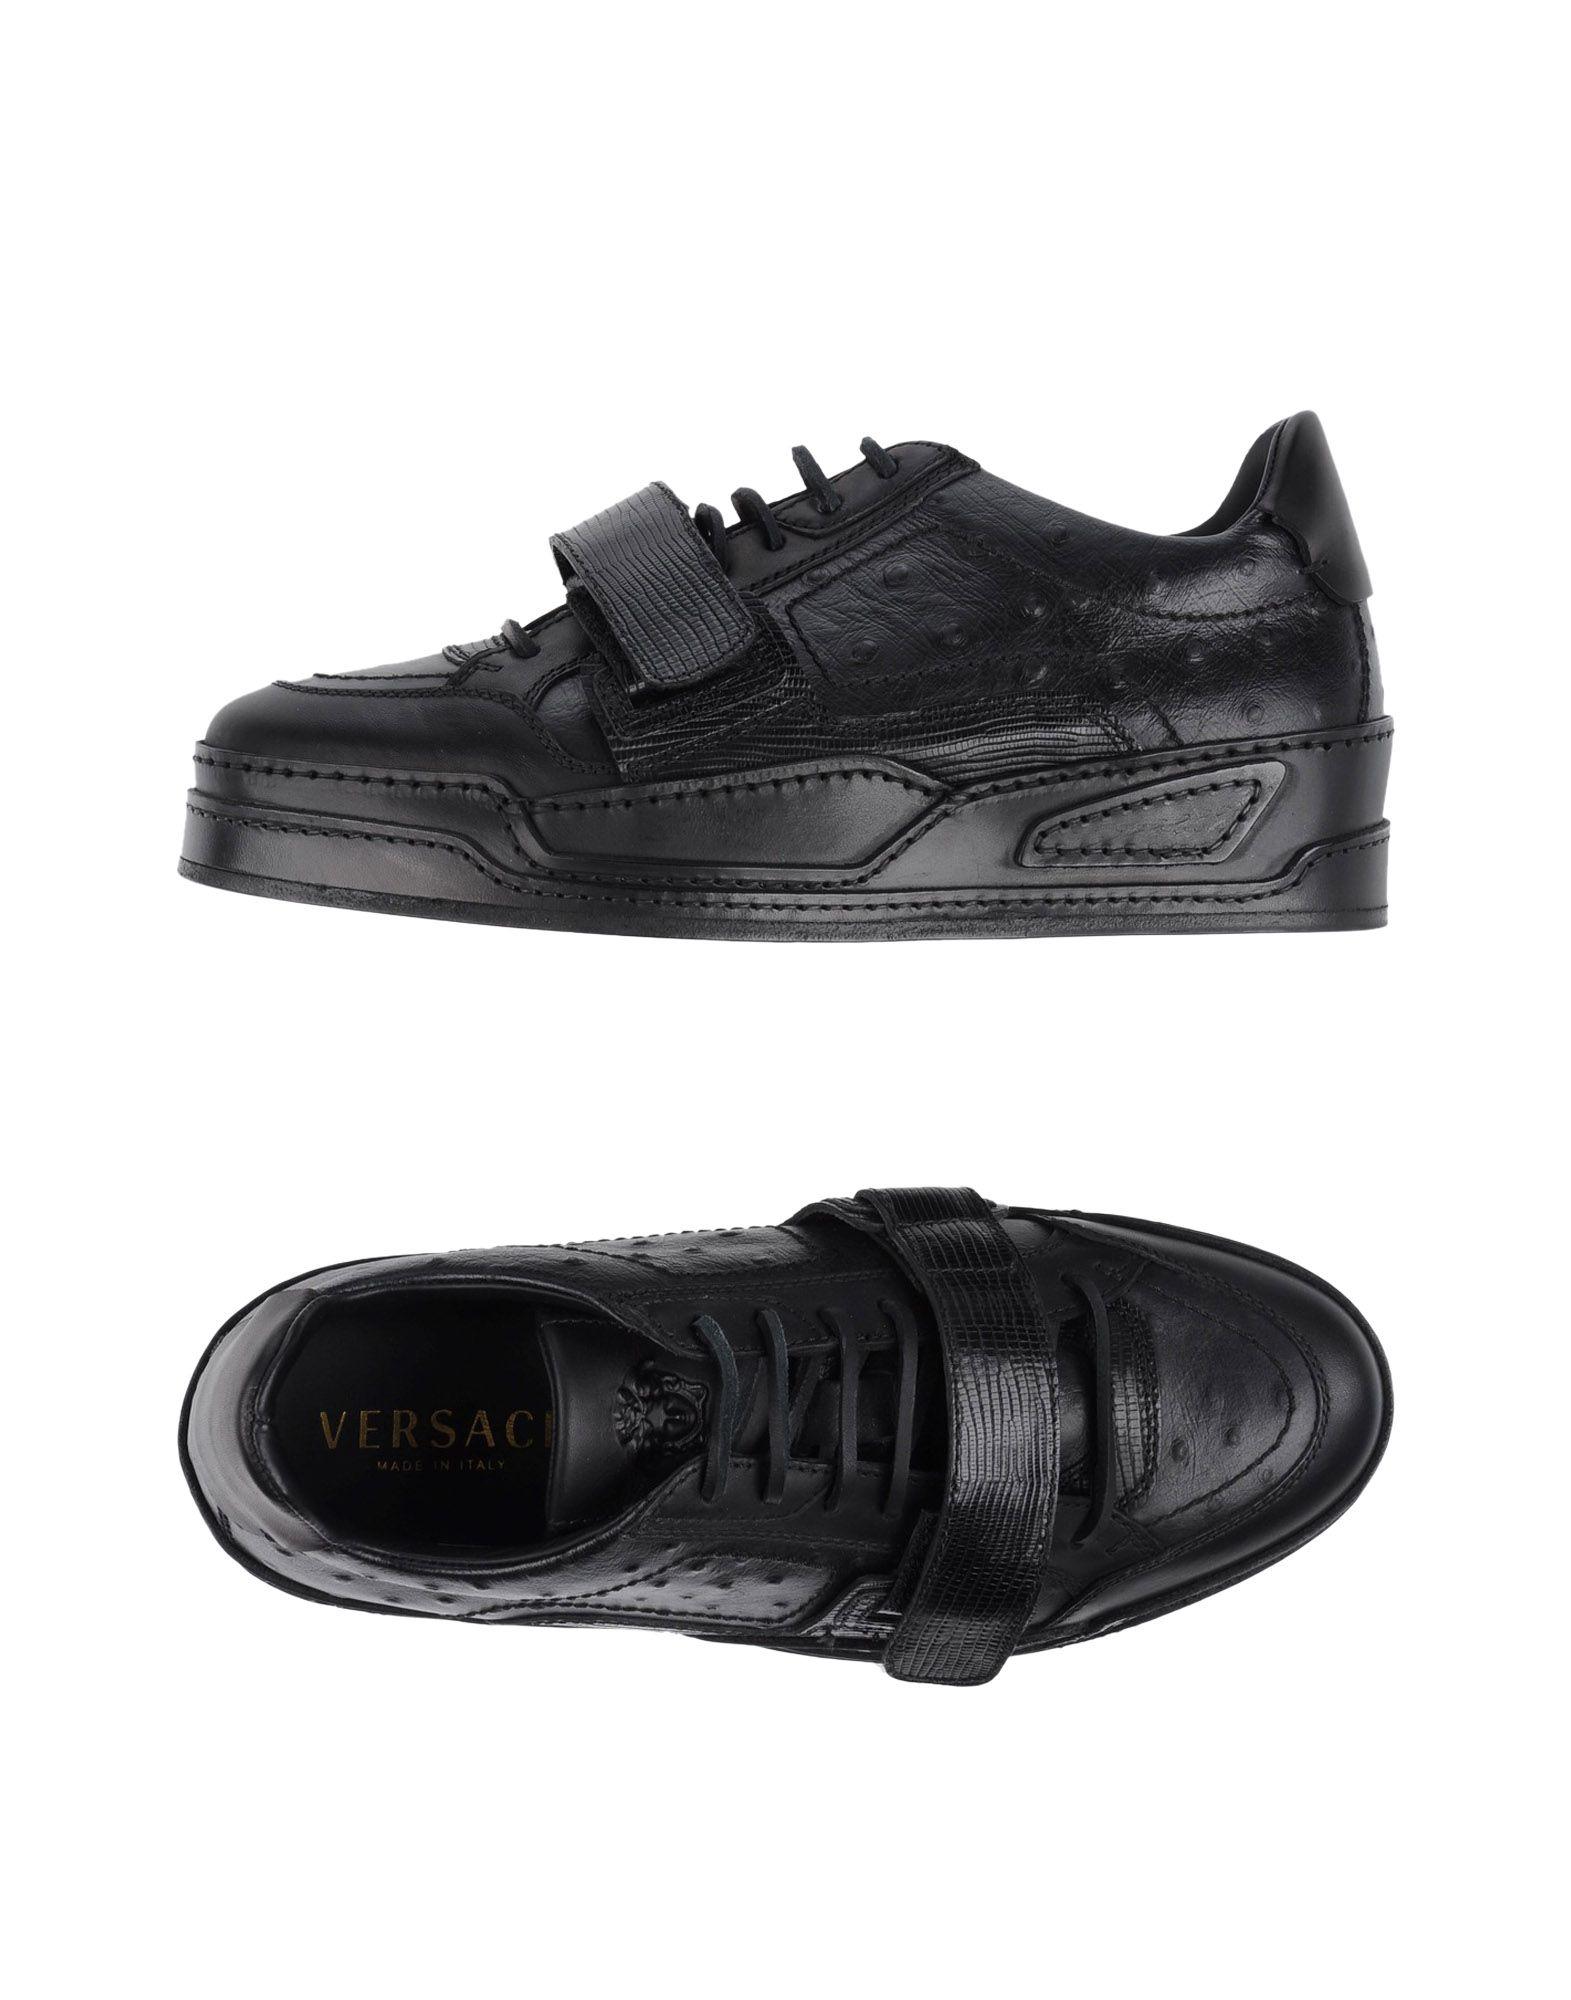 Versace Sneakers Herren  11195401GU Gute Qualität beliebte Schuhe